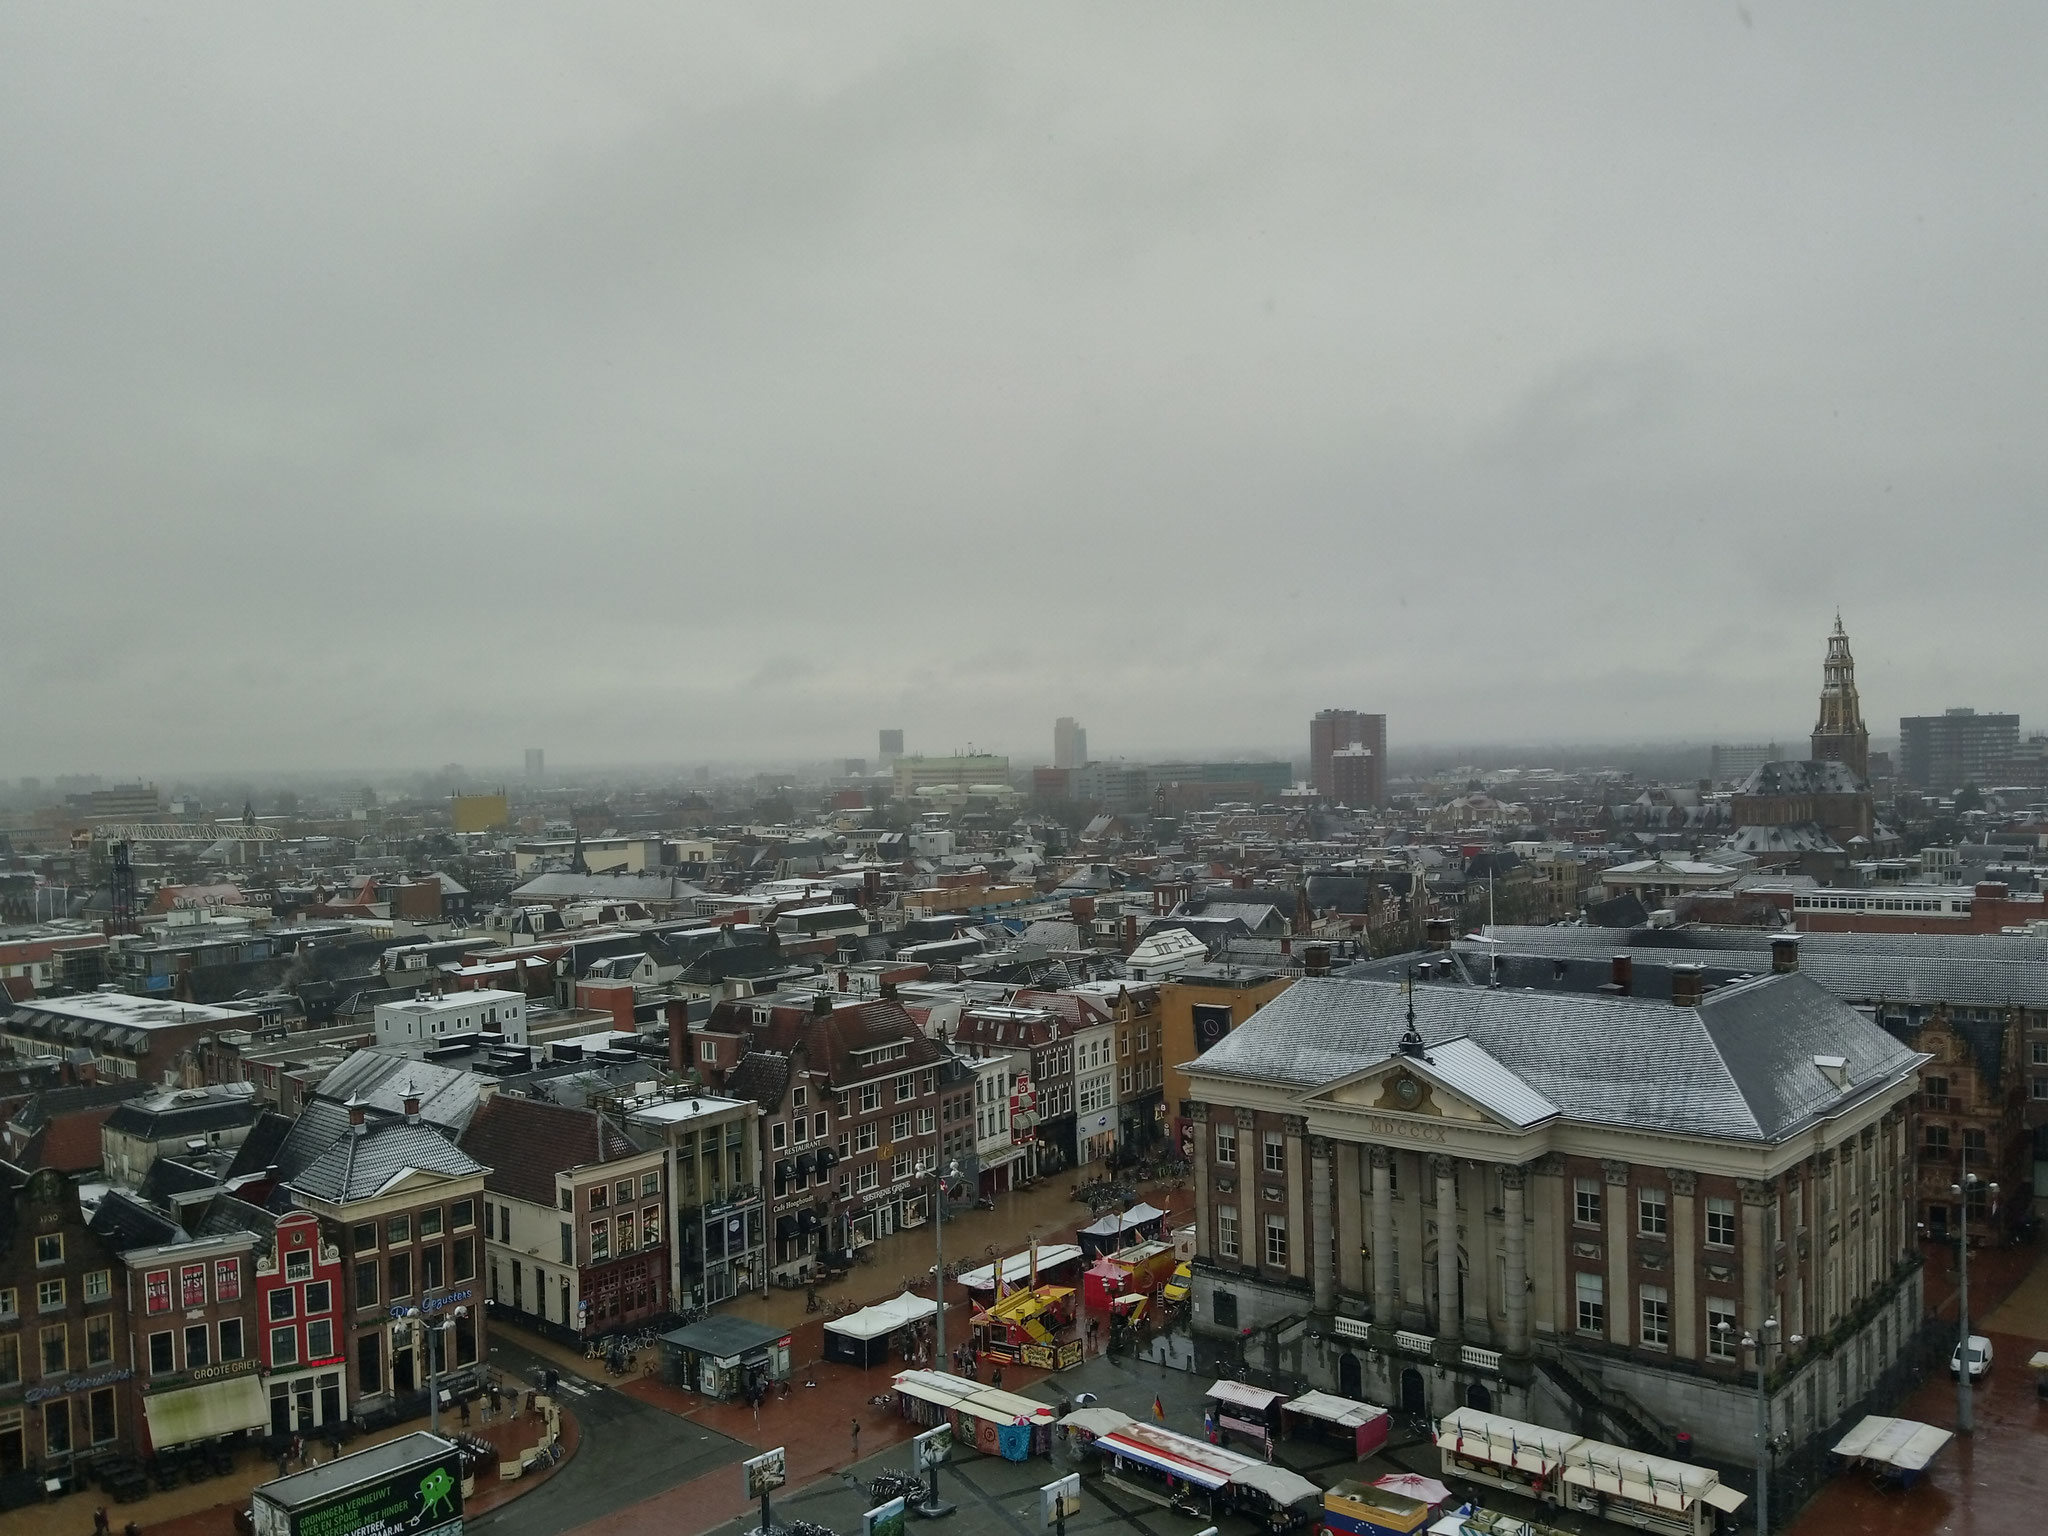 Wochenendtrip Groningen